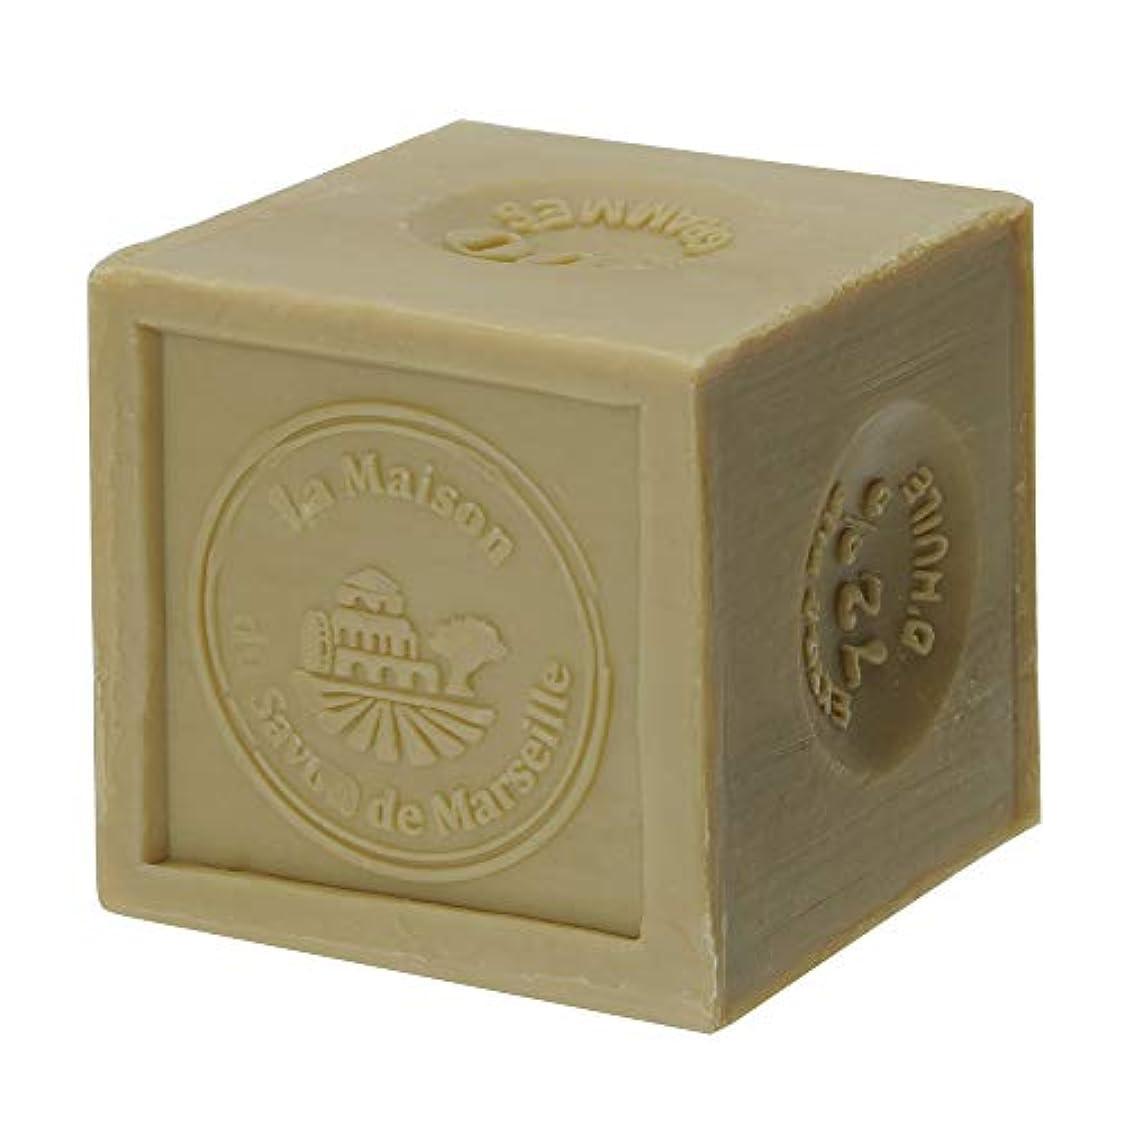 退院ストラトフォードオンエイボン側面ノルコーポレーション マルセイユ石鹸 オリーブ UPSM認証マーク付き 300g MLL-3-1